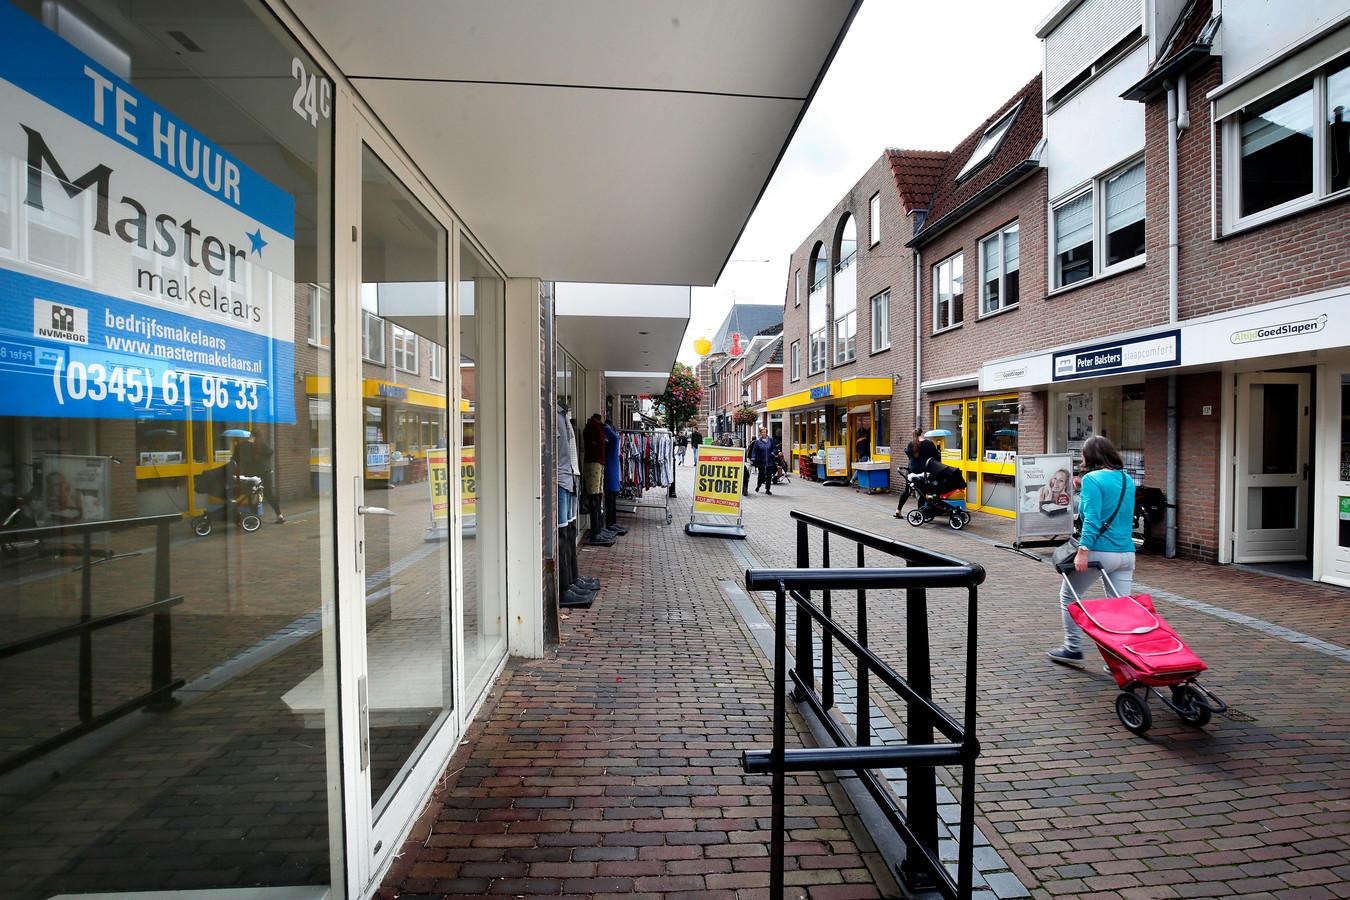 Leegstand in Leerdam, archieffoto van september 2020.